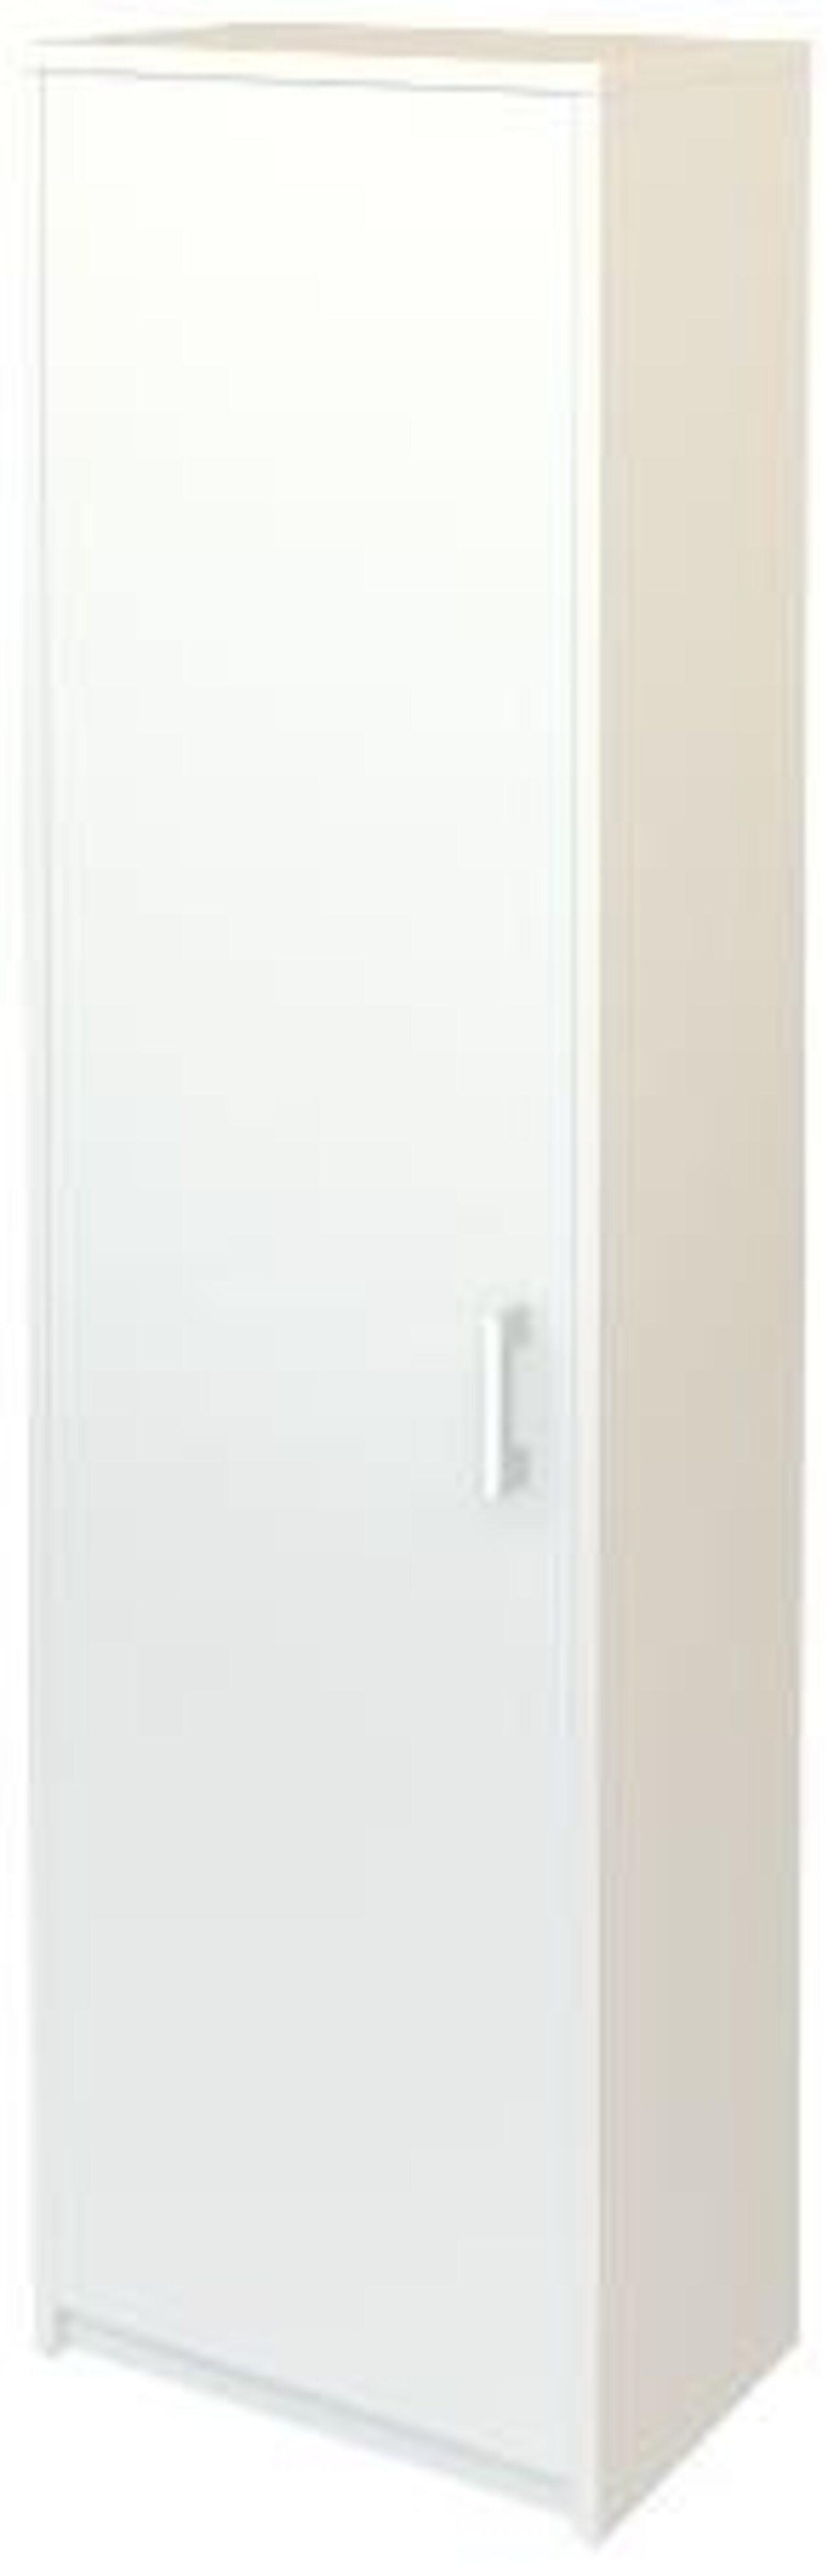 Шкаф для одежды  Арго 56x37x200 - фото 5